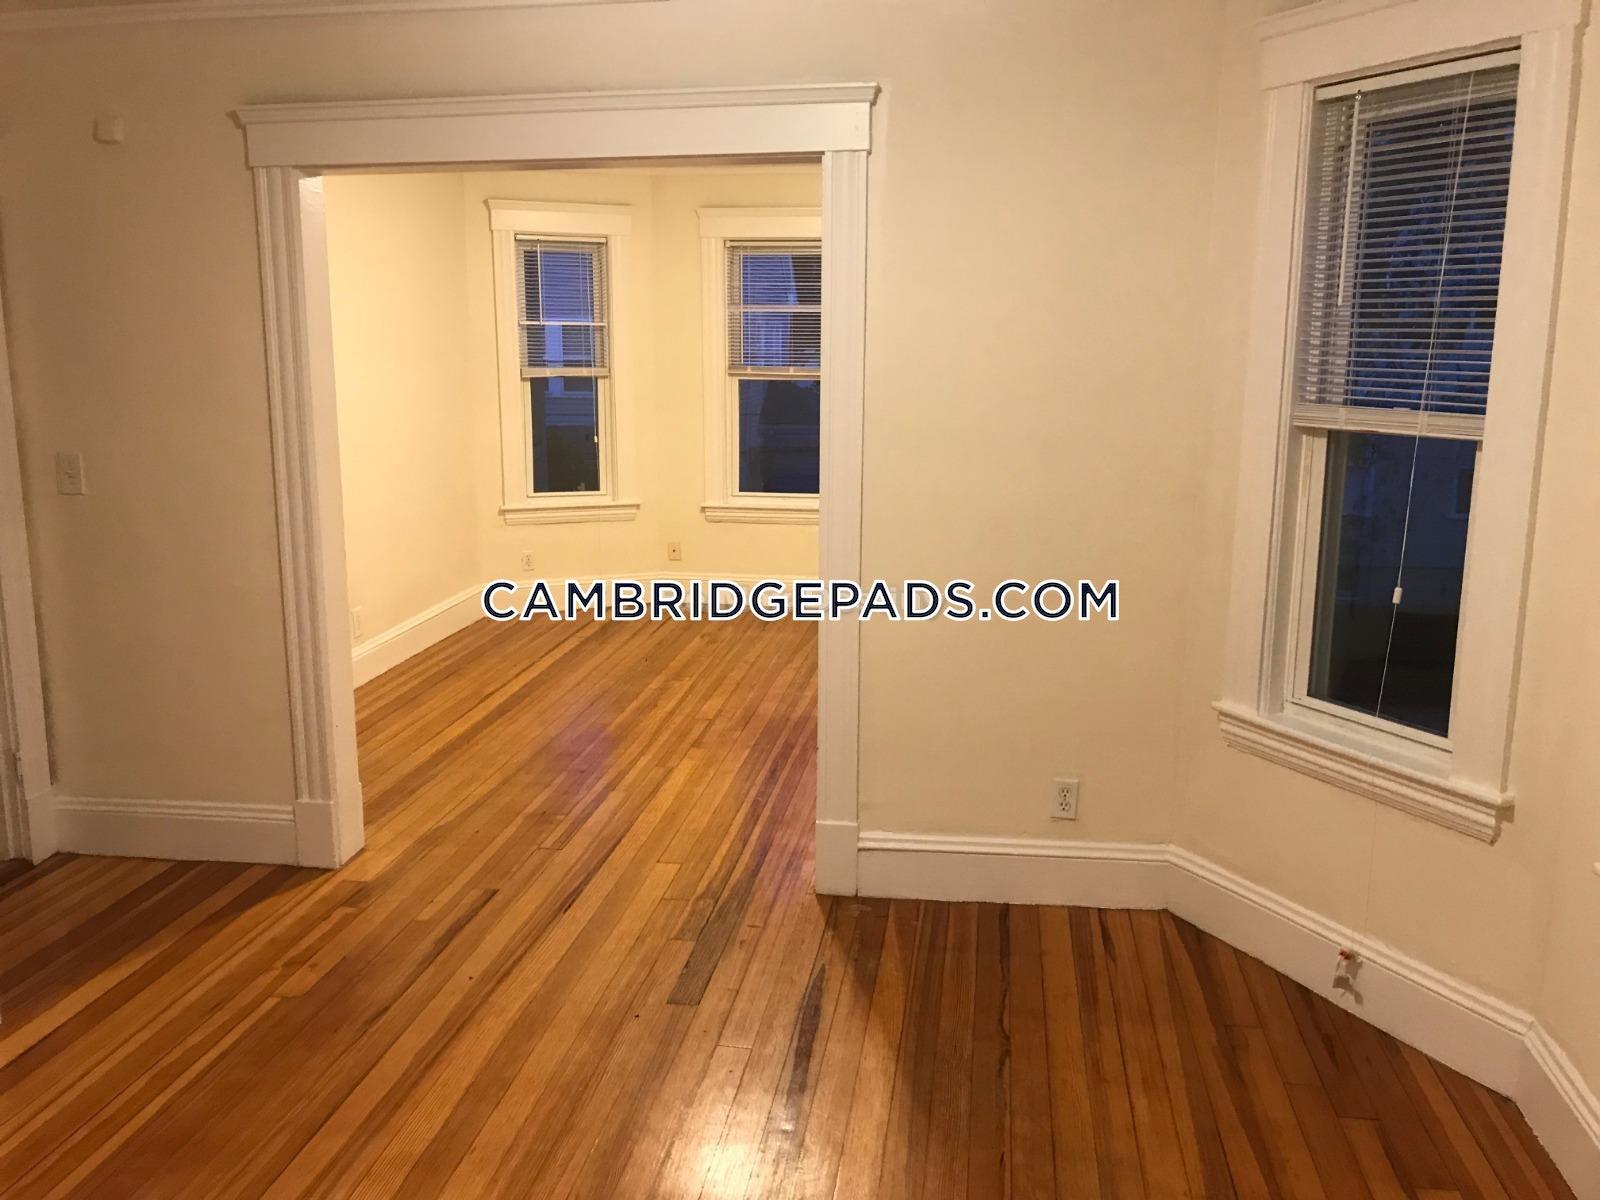 CAMBRIDGE - PORTER SQUARE - $2,400